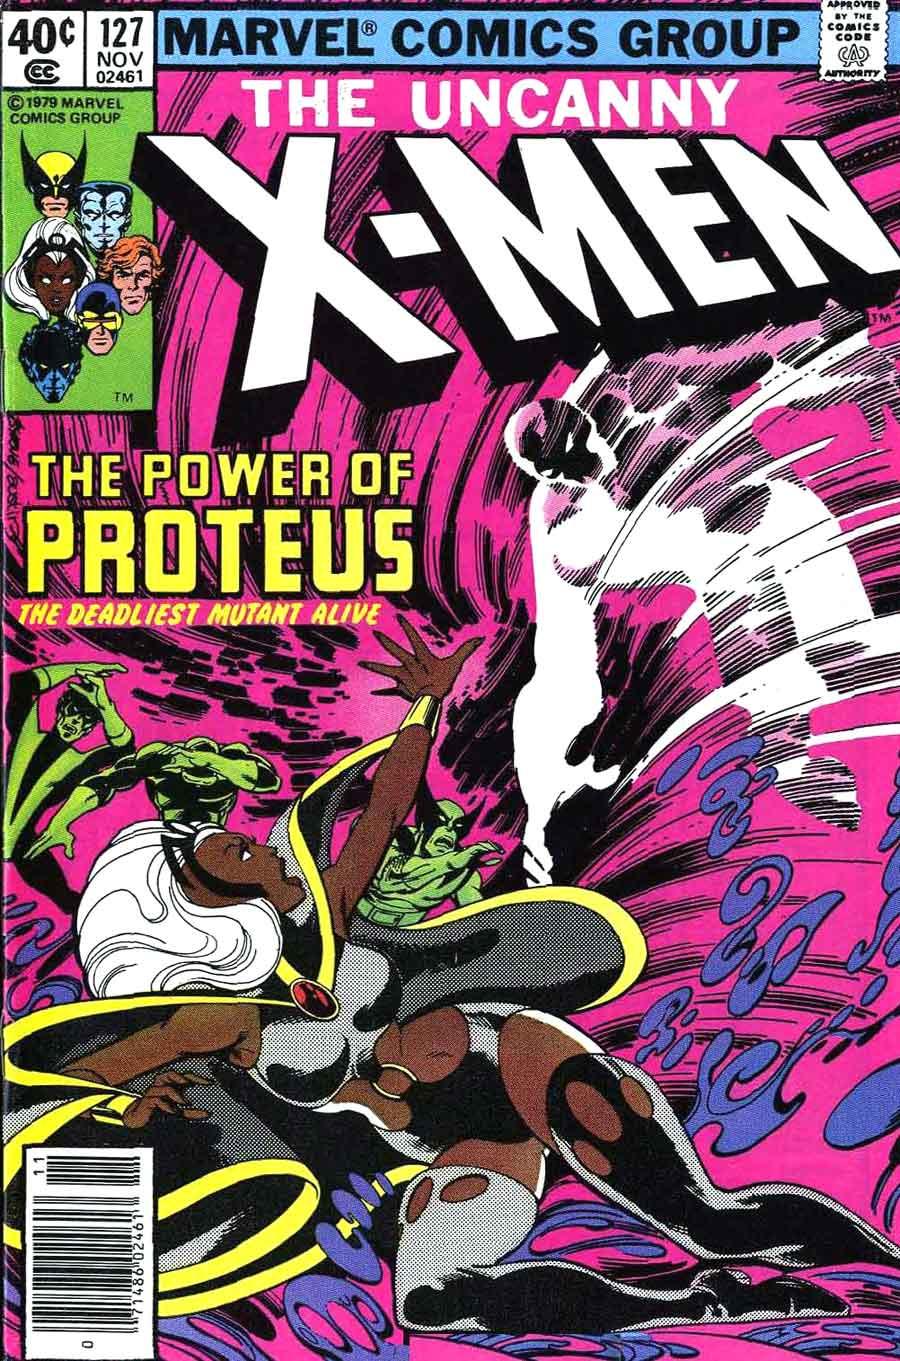 X-men v1 #127 marvel comic book cover art by John Byrne